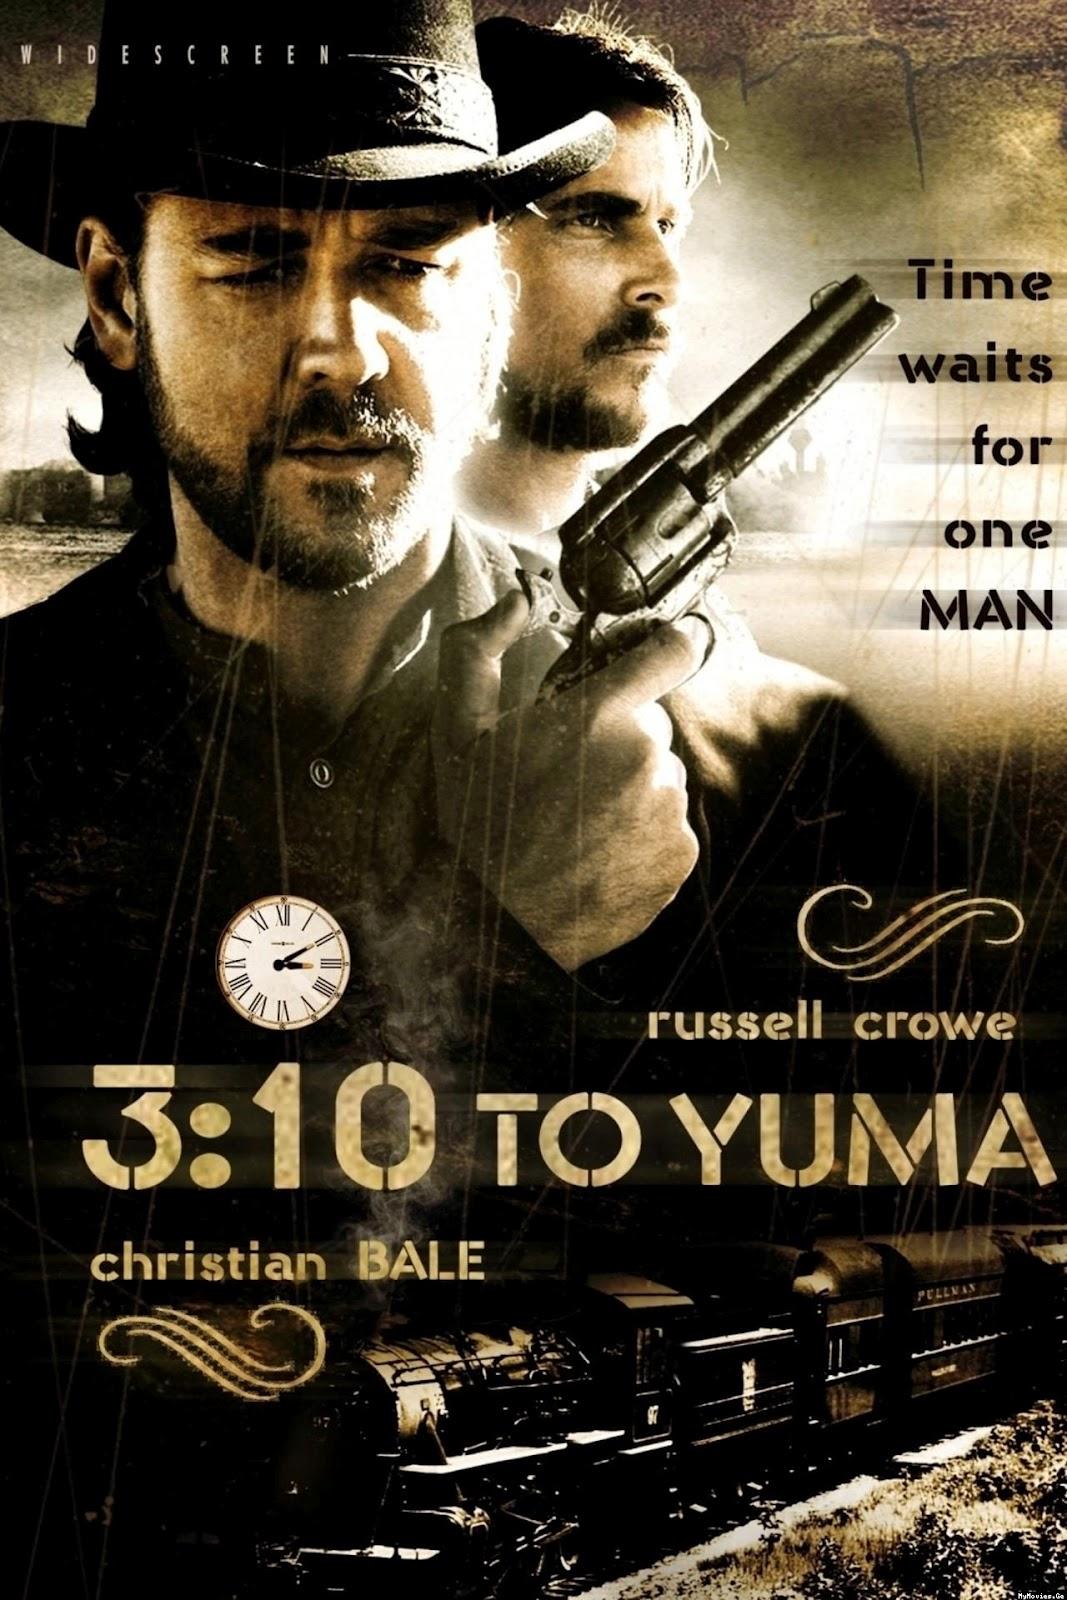 TÉLÉCHARGER FILM 3H10 POUR YUMA